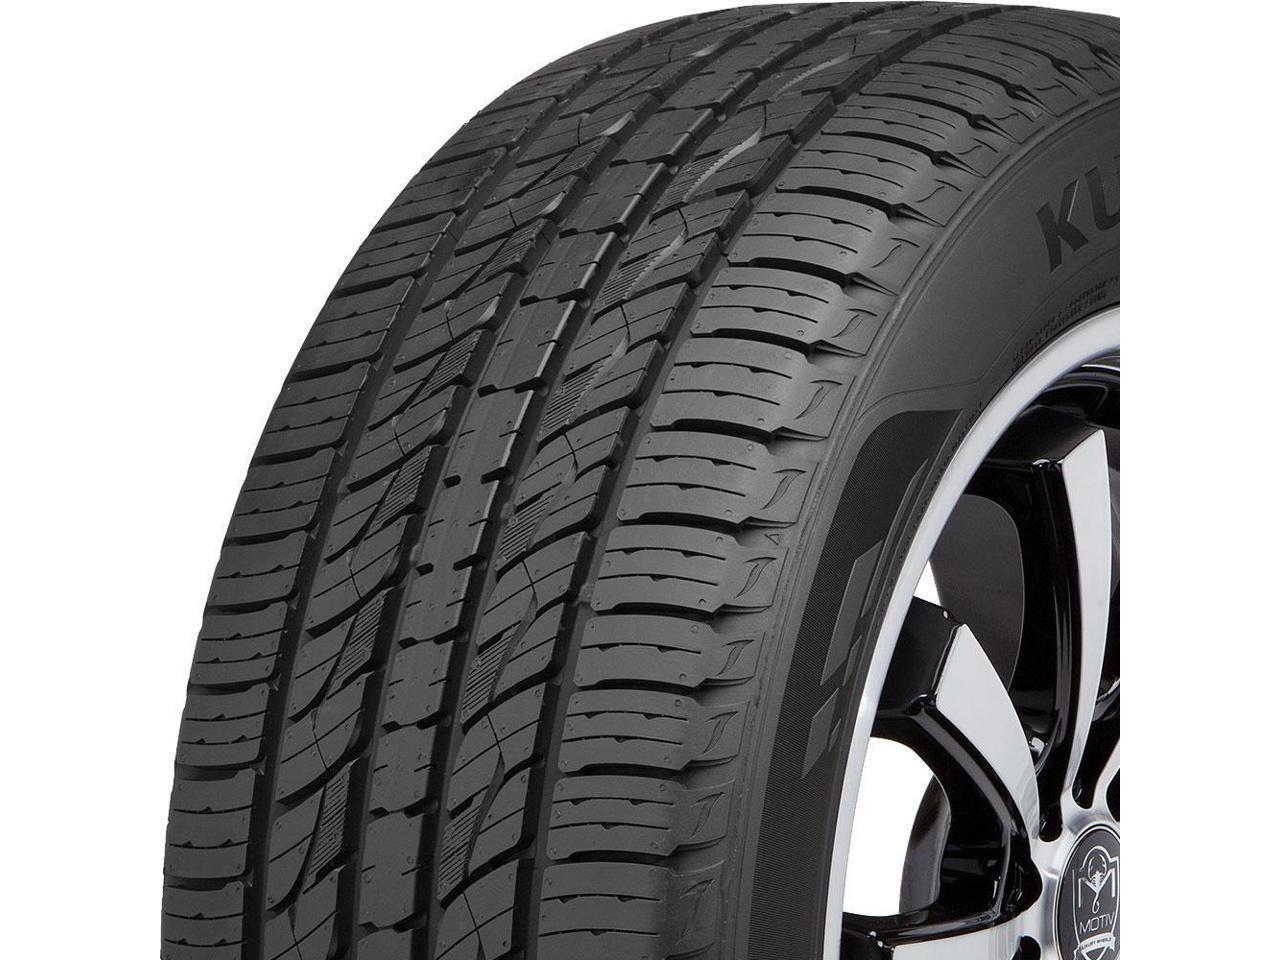 235//60R17 102V Kumho CRUGEN KL33 Touring Radial Tire